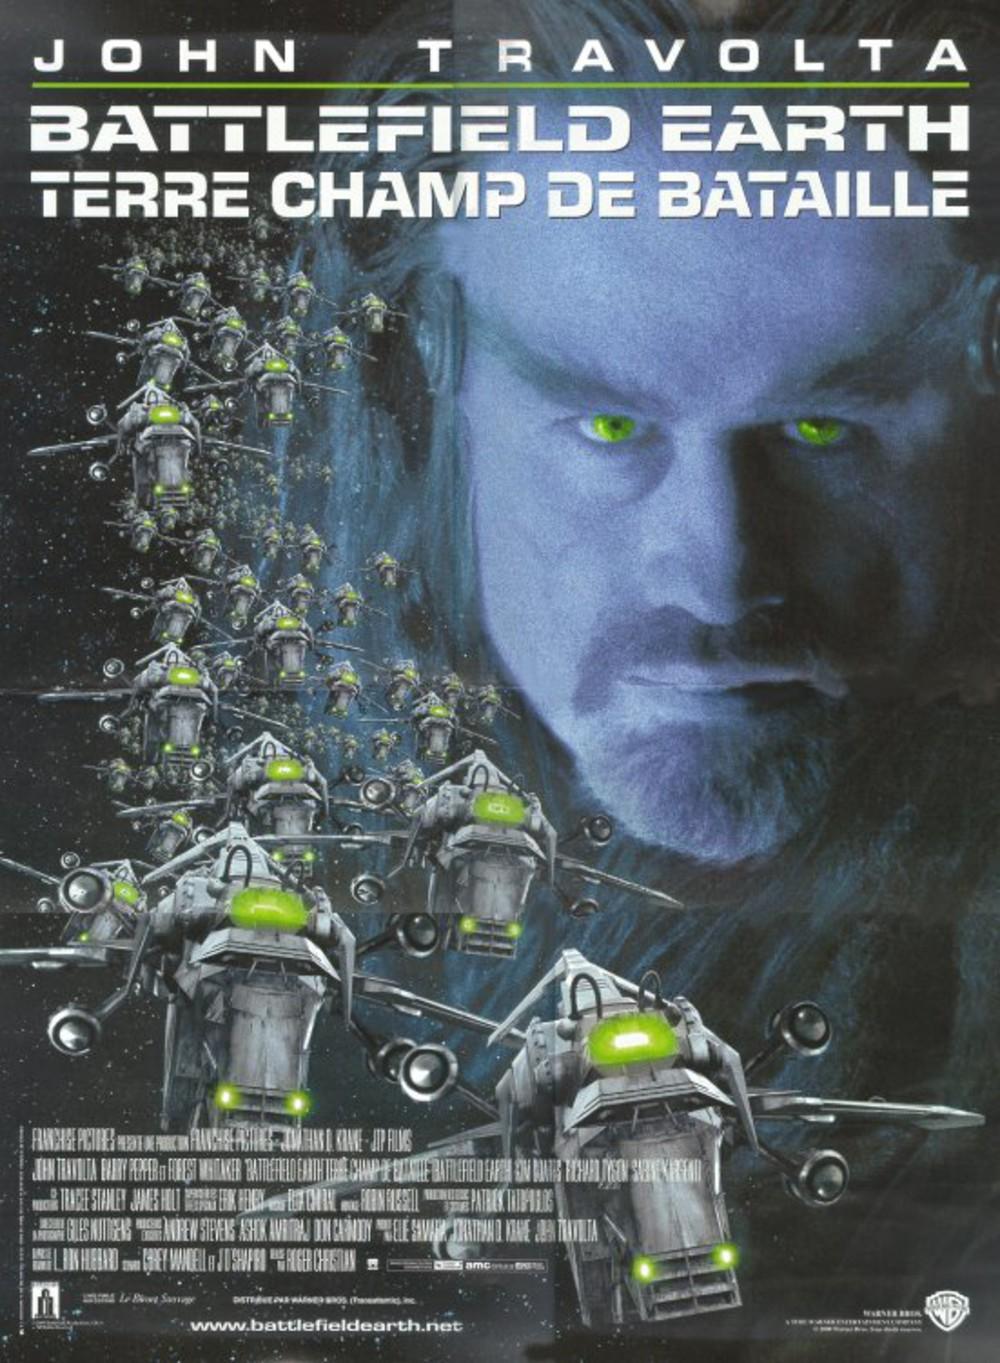 affiche du film Battlefield Earth - Terre champ de bataille